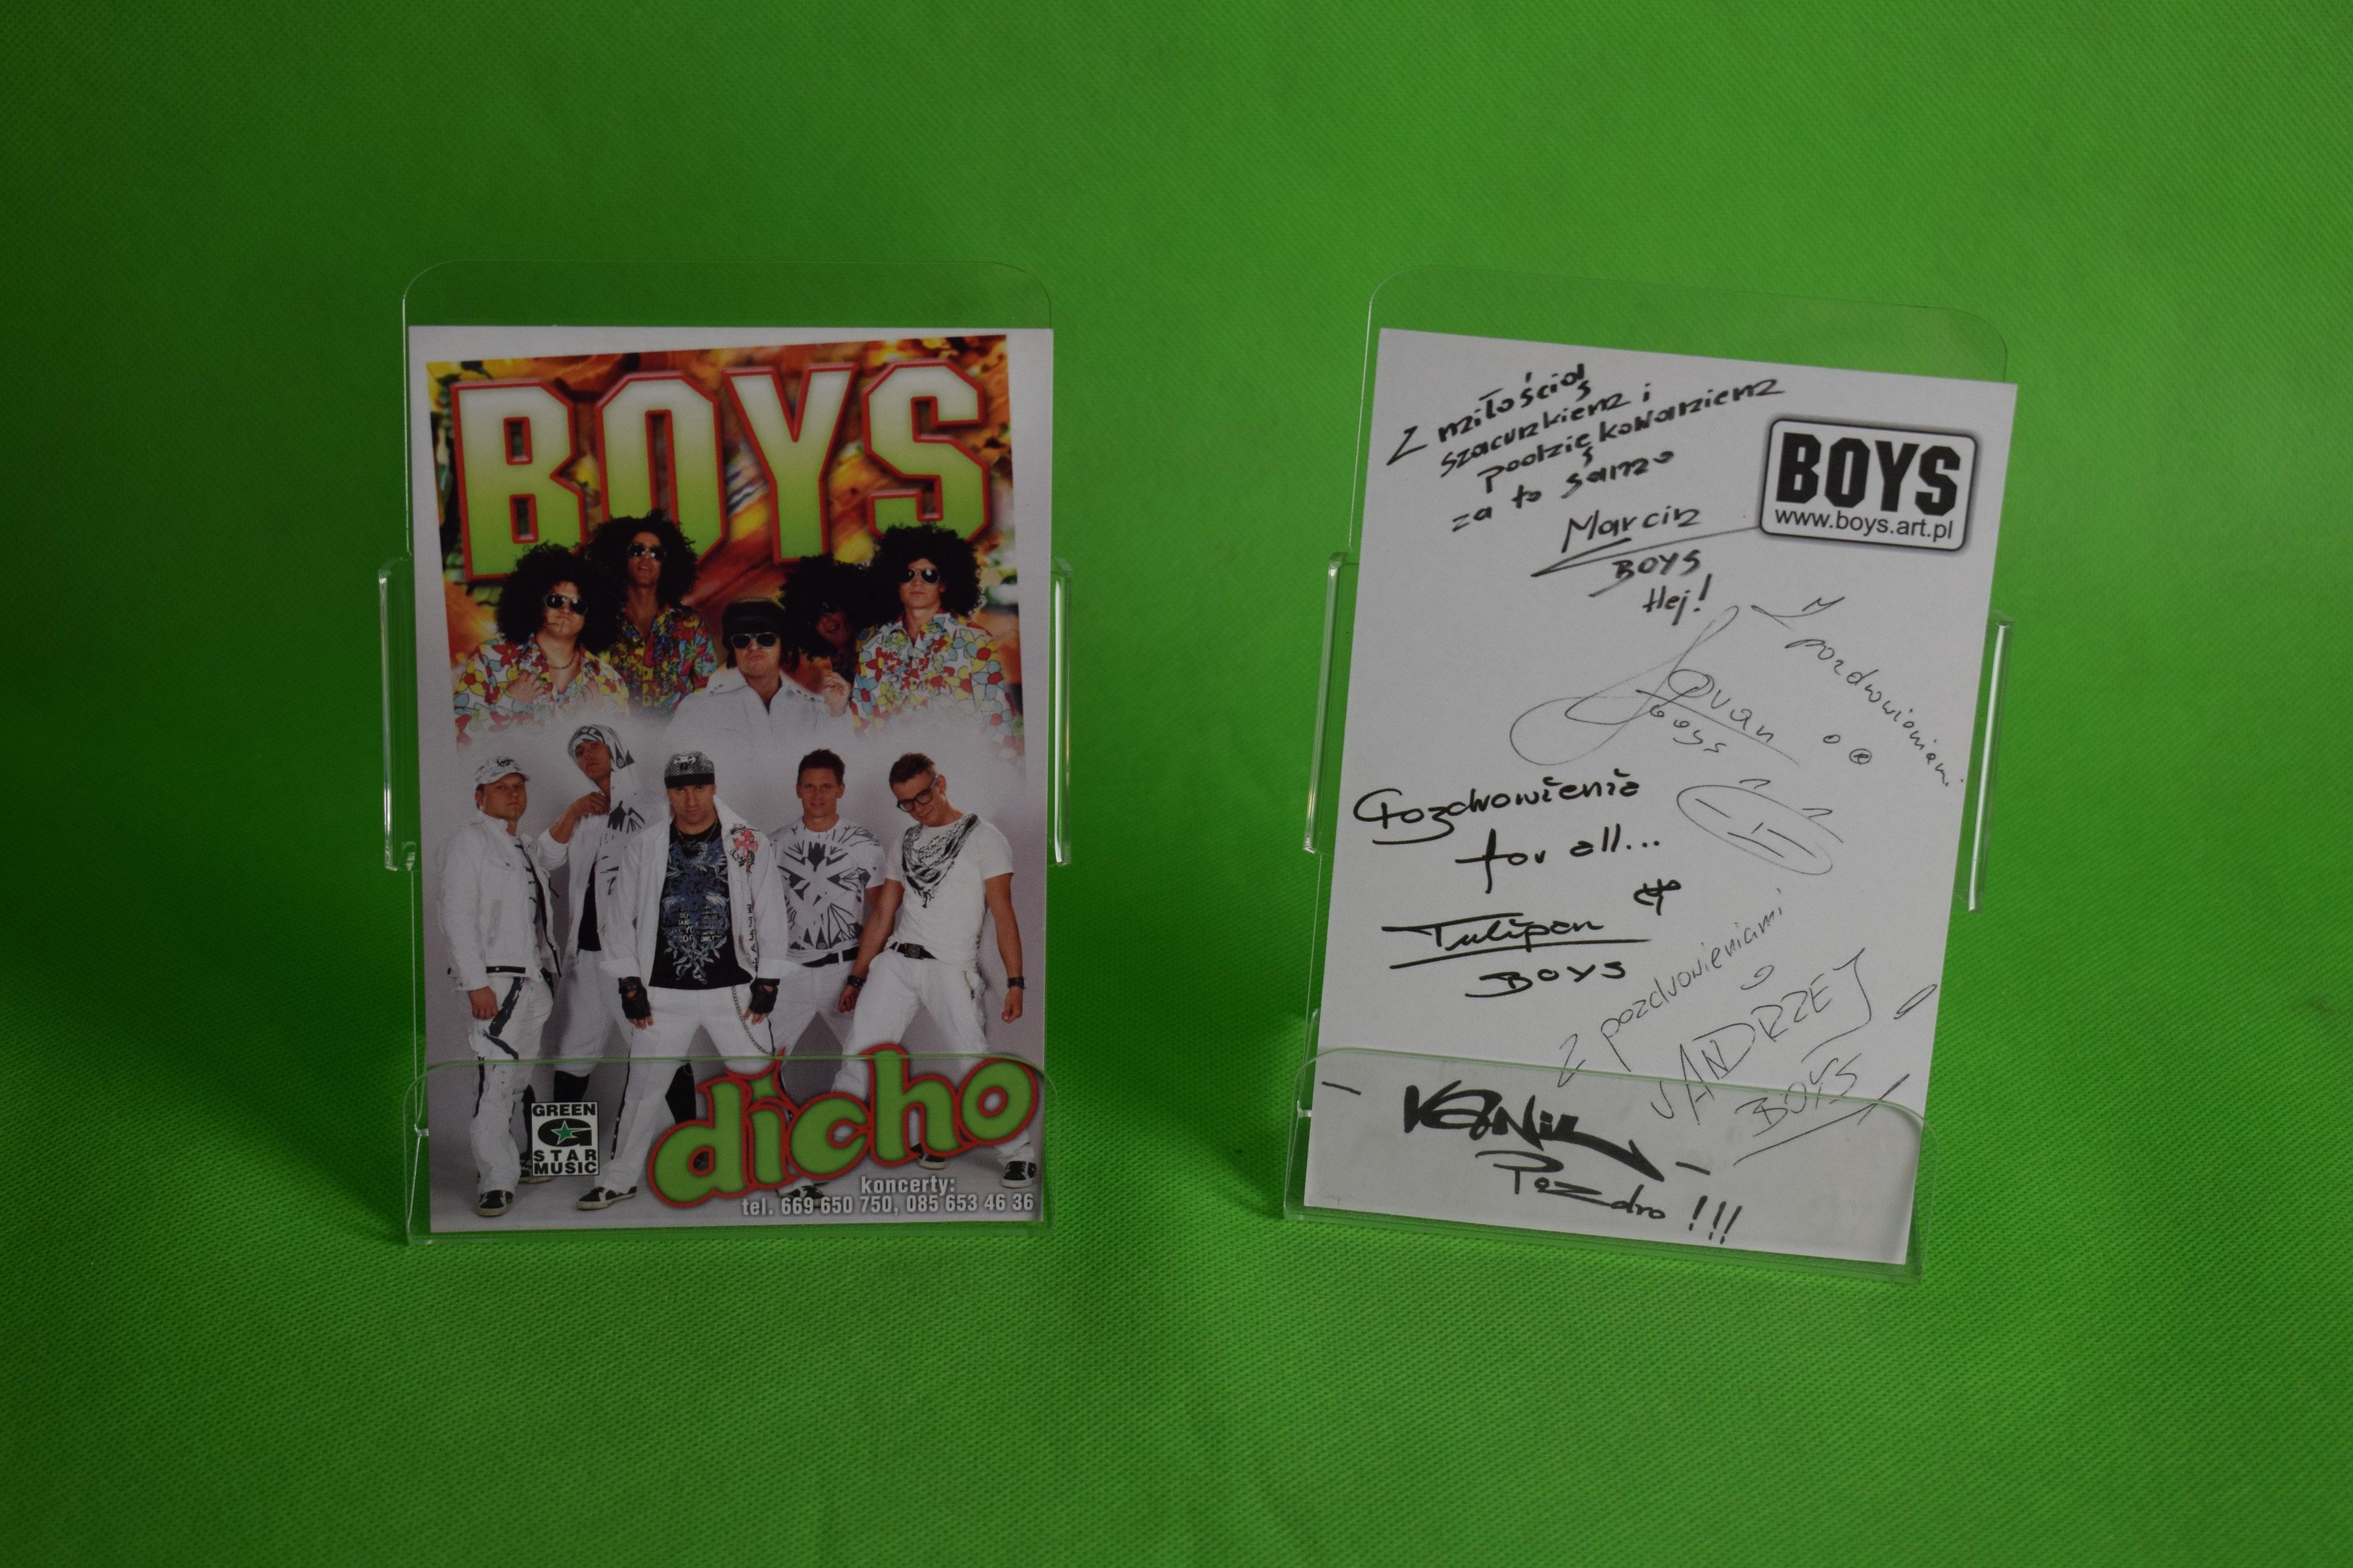 Autograf Zespołu Boys